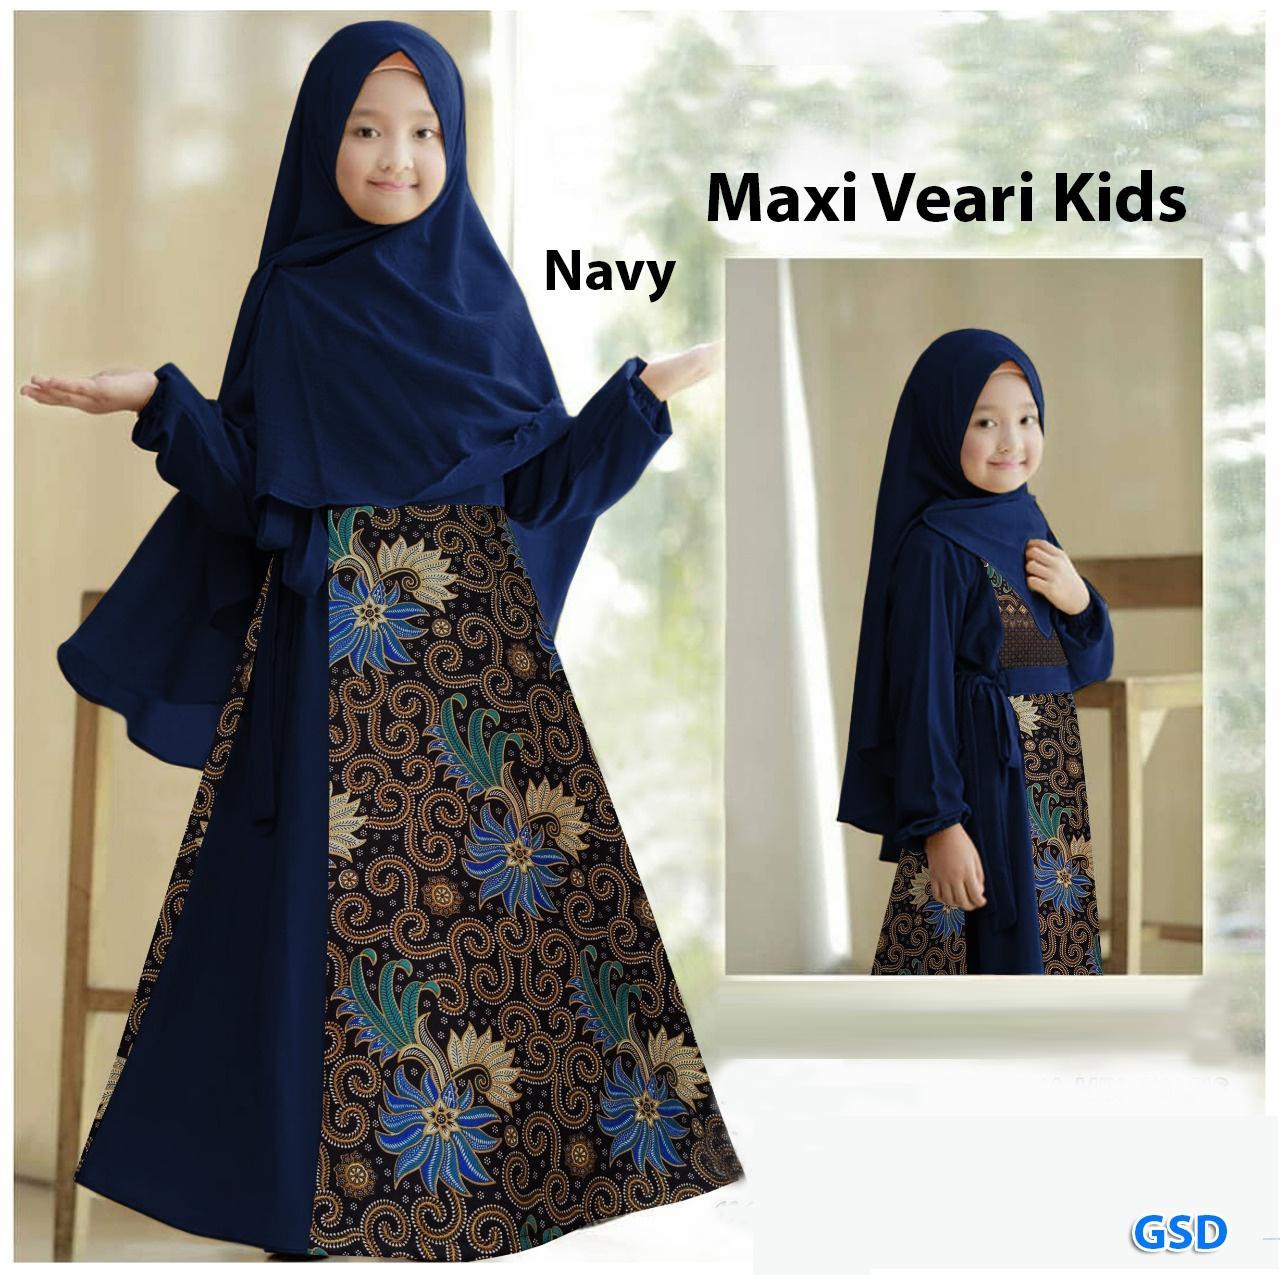 Setelan gamis batik anak ada Hijabnya 12-12 tahun / gamis batik modern / baju  muslim anak cewek / gamis syarii anak / Maxi Veari kids murah